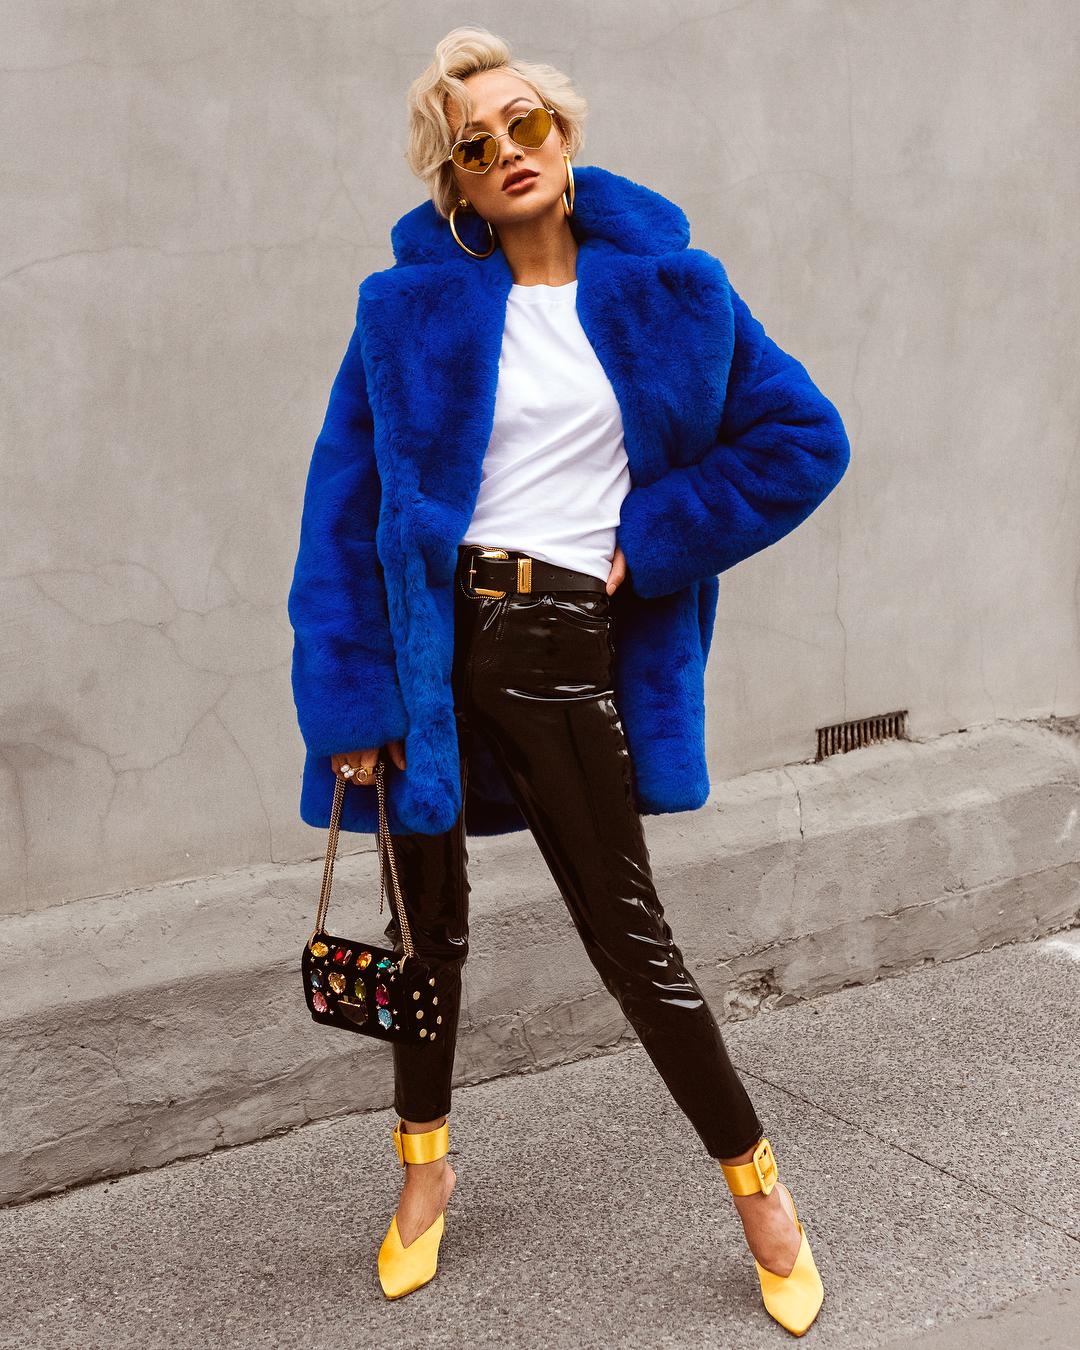 модные фасоны шуб зимы 2020 фото 6